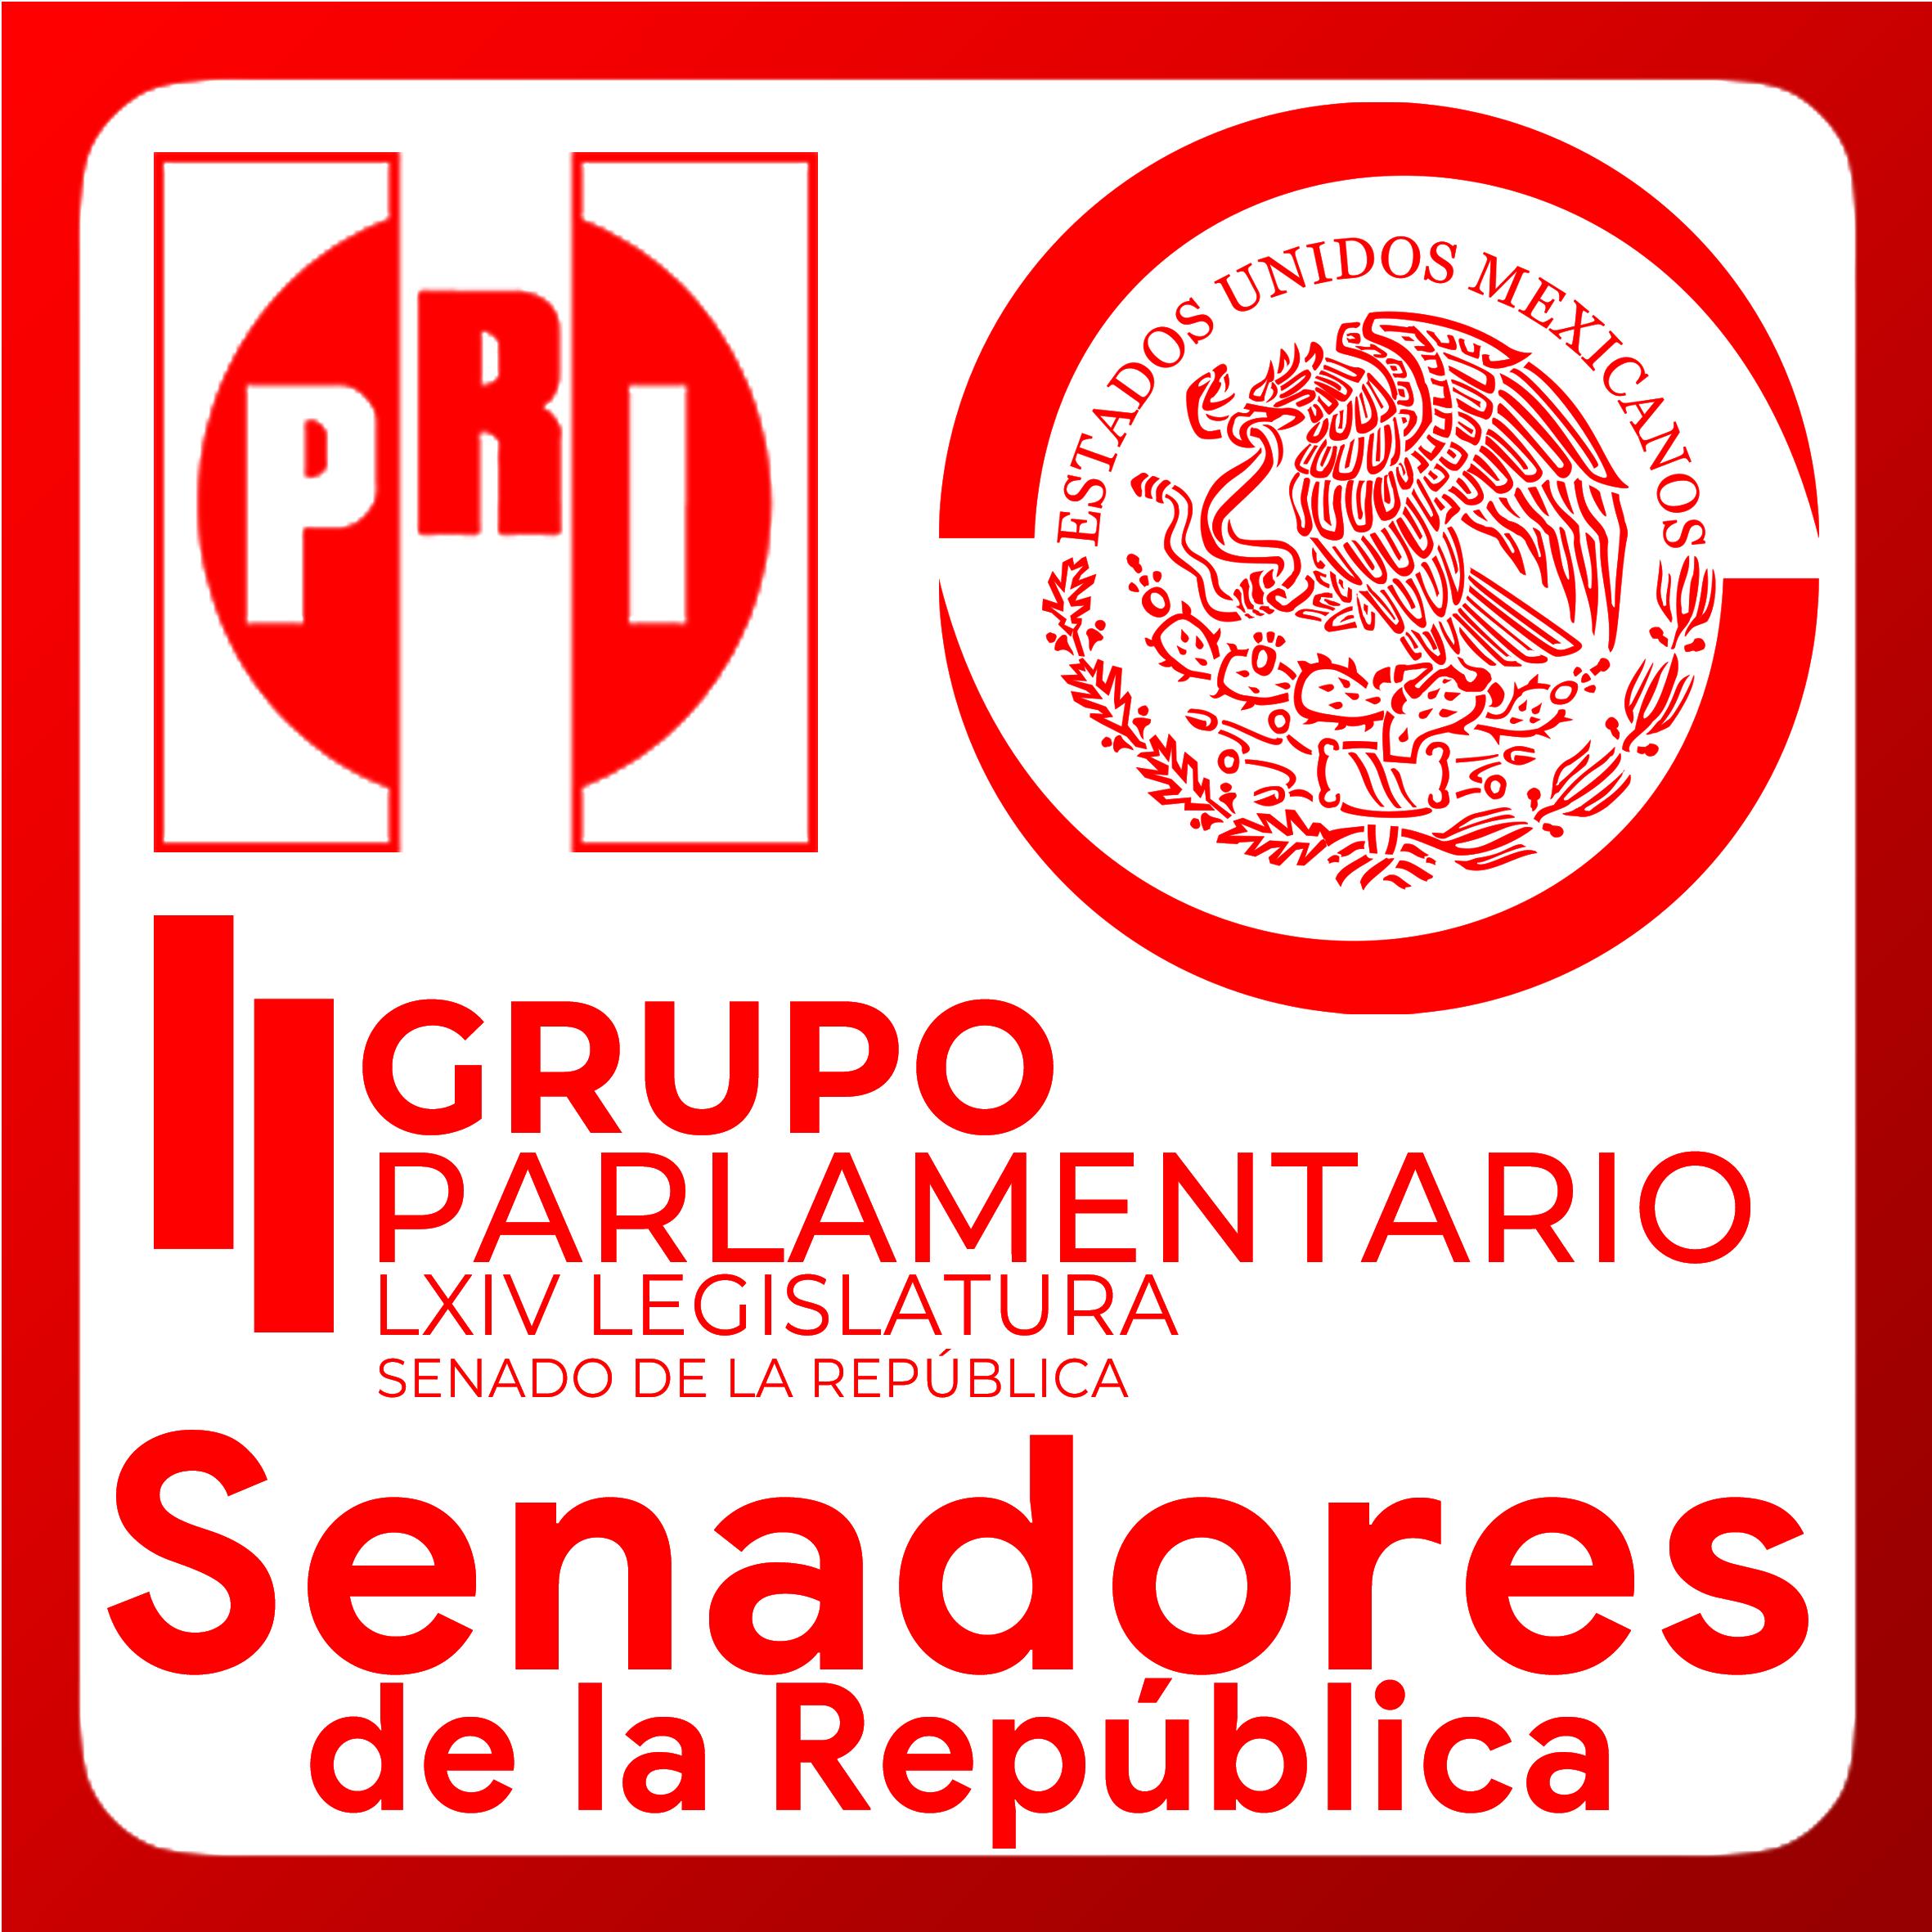 Boton activable de Senadoras y Senadores de la República